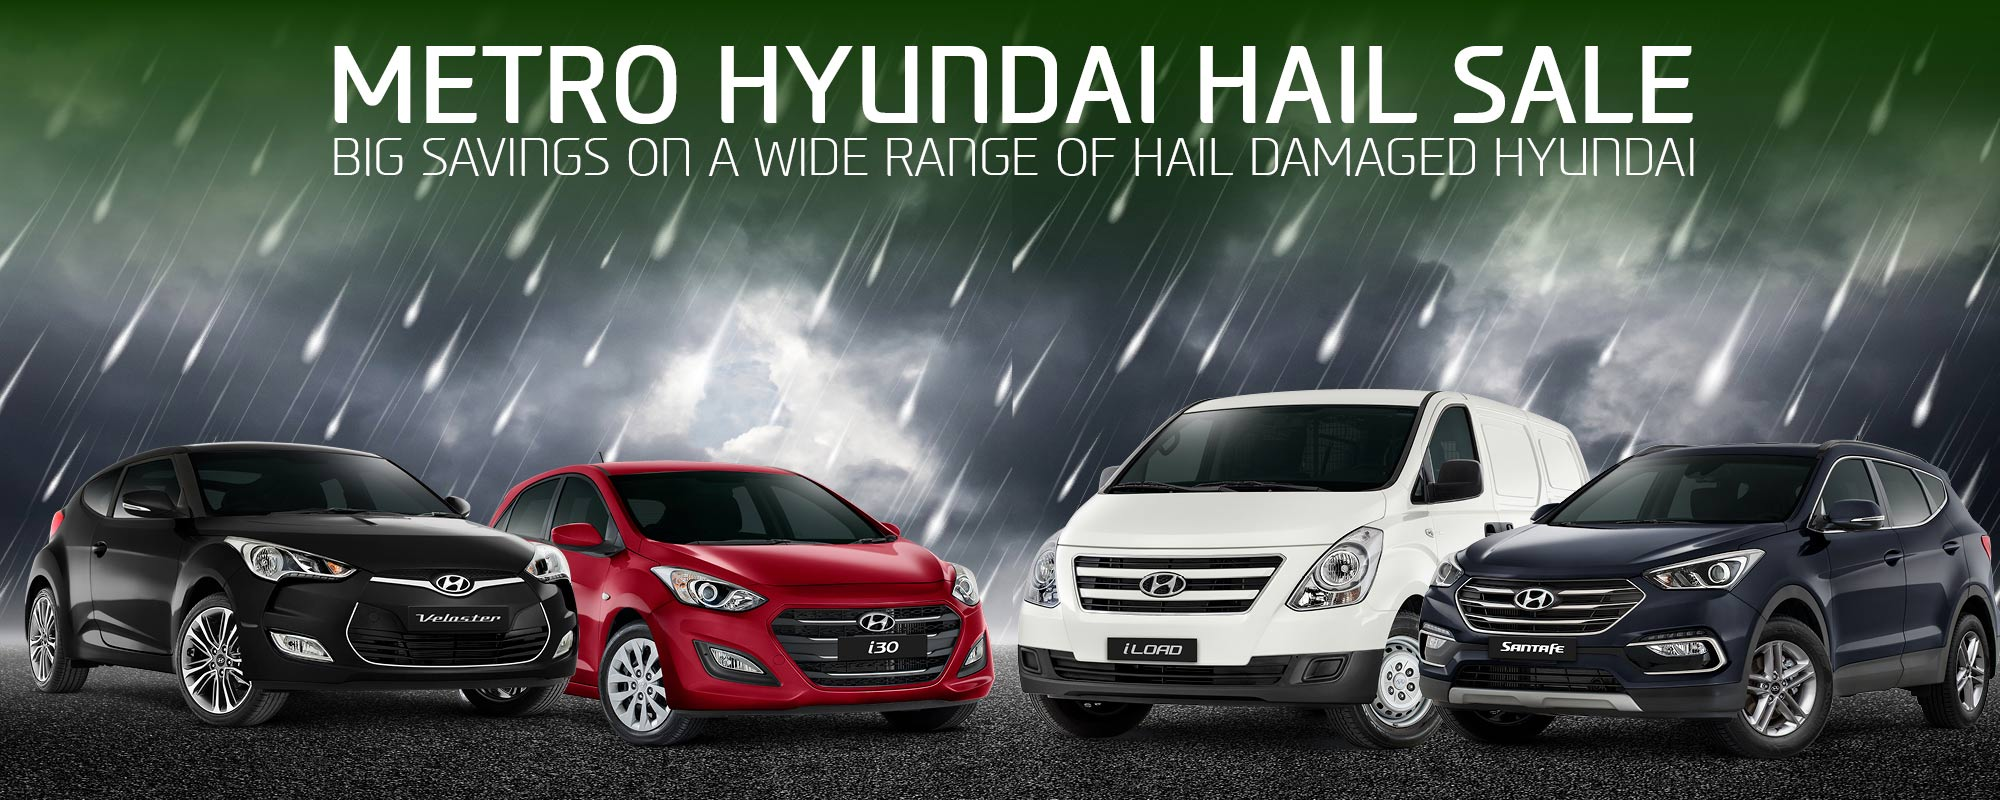 Metro Hyundai hail sale